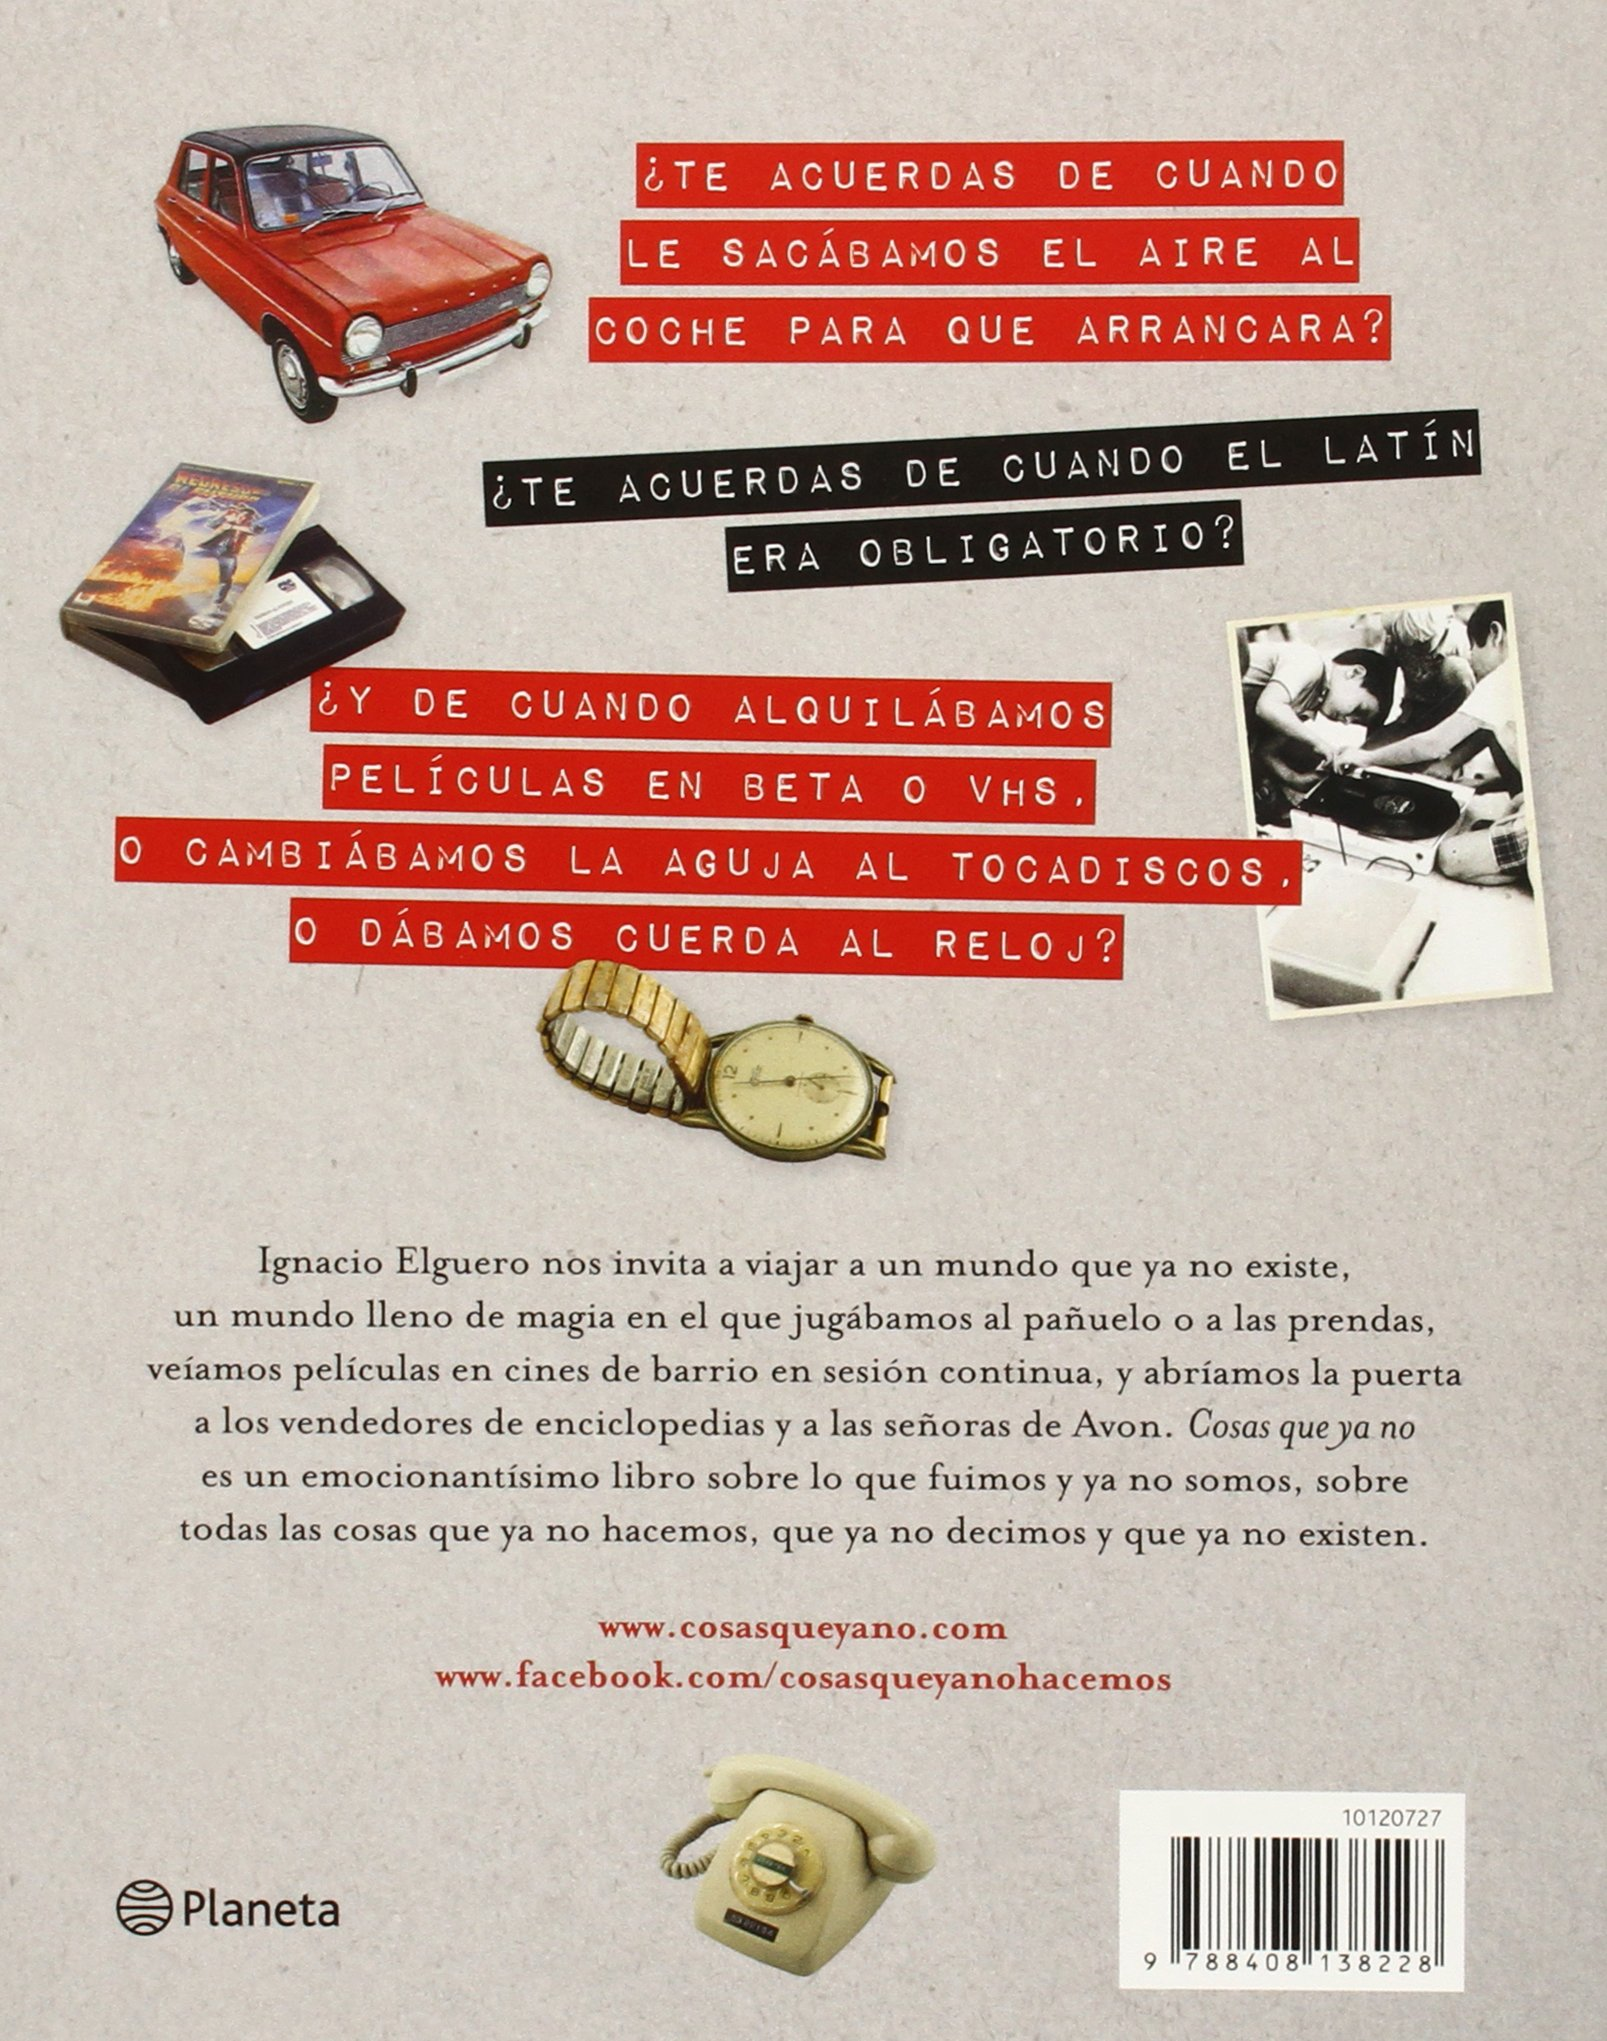 Cosas que ya no hacemos, no decimos, no existen: Ignacio Elguero: 9788408138228: Amazon.com: Books